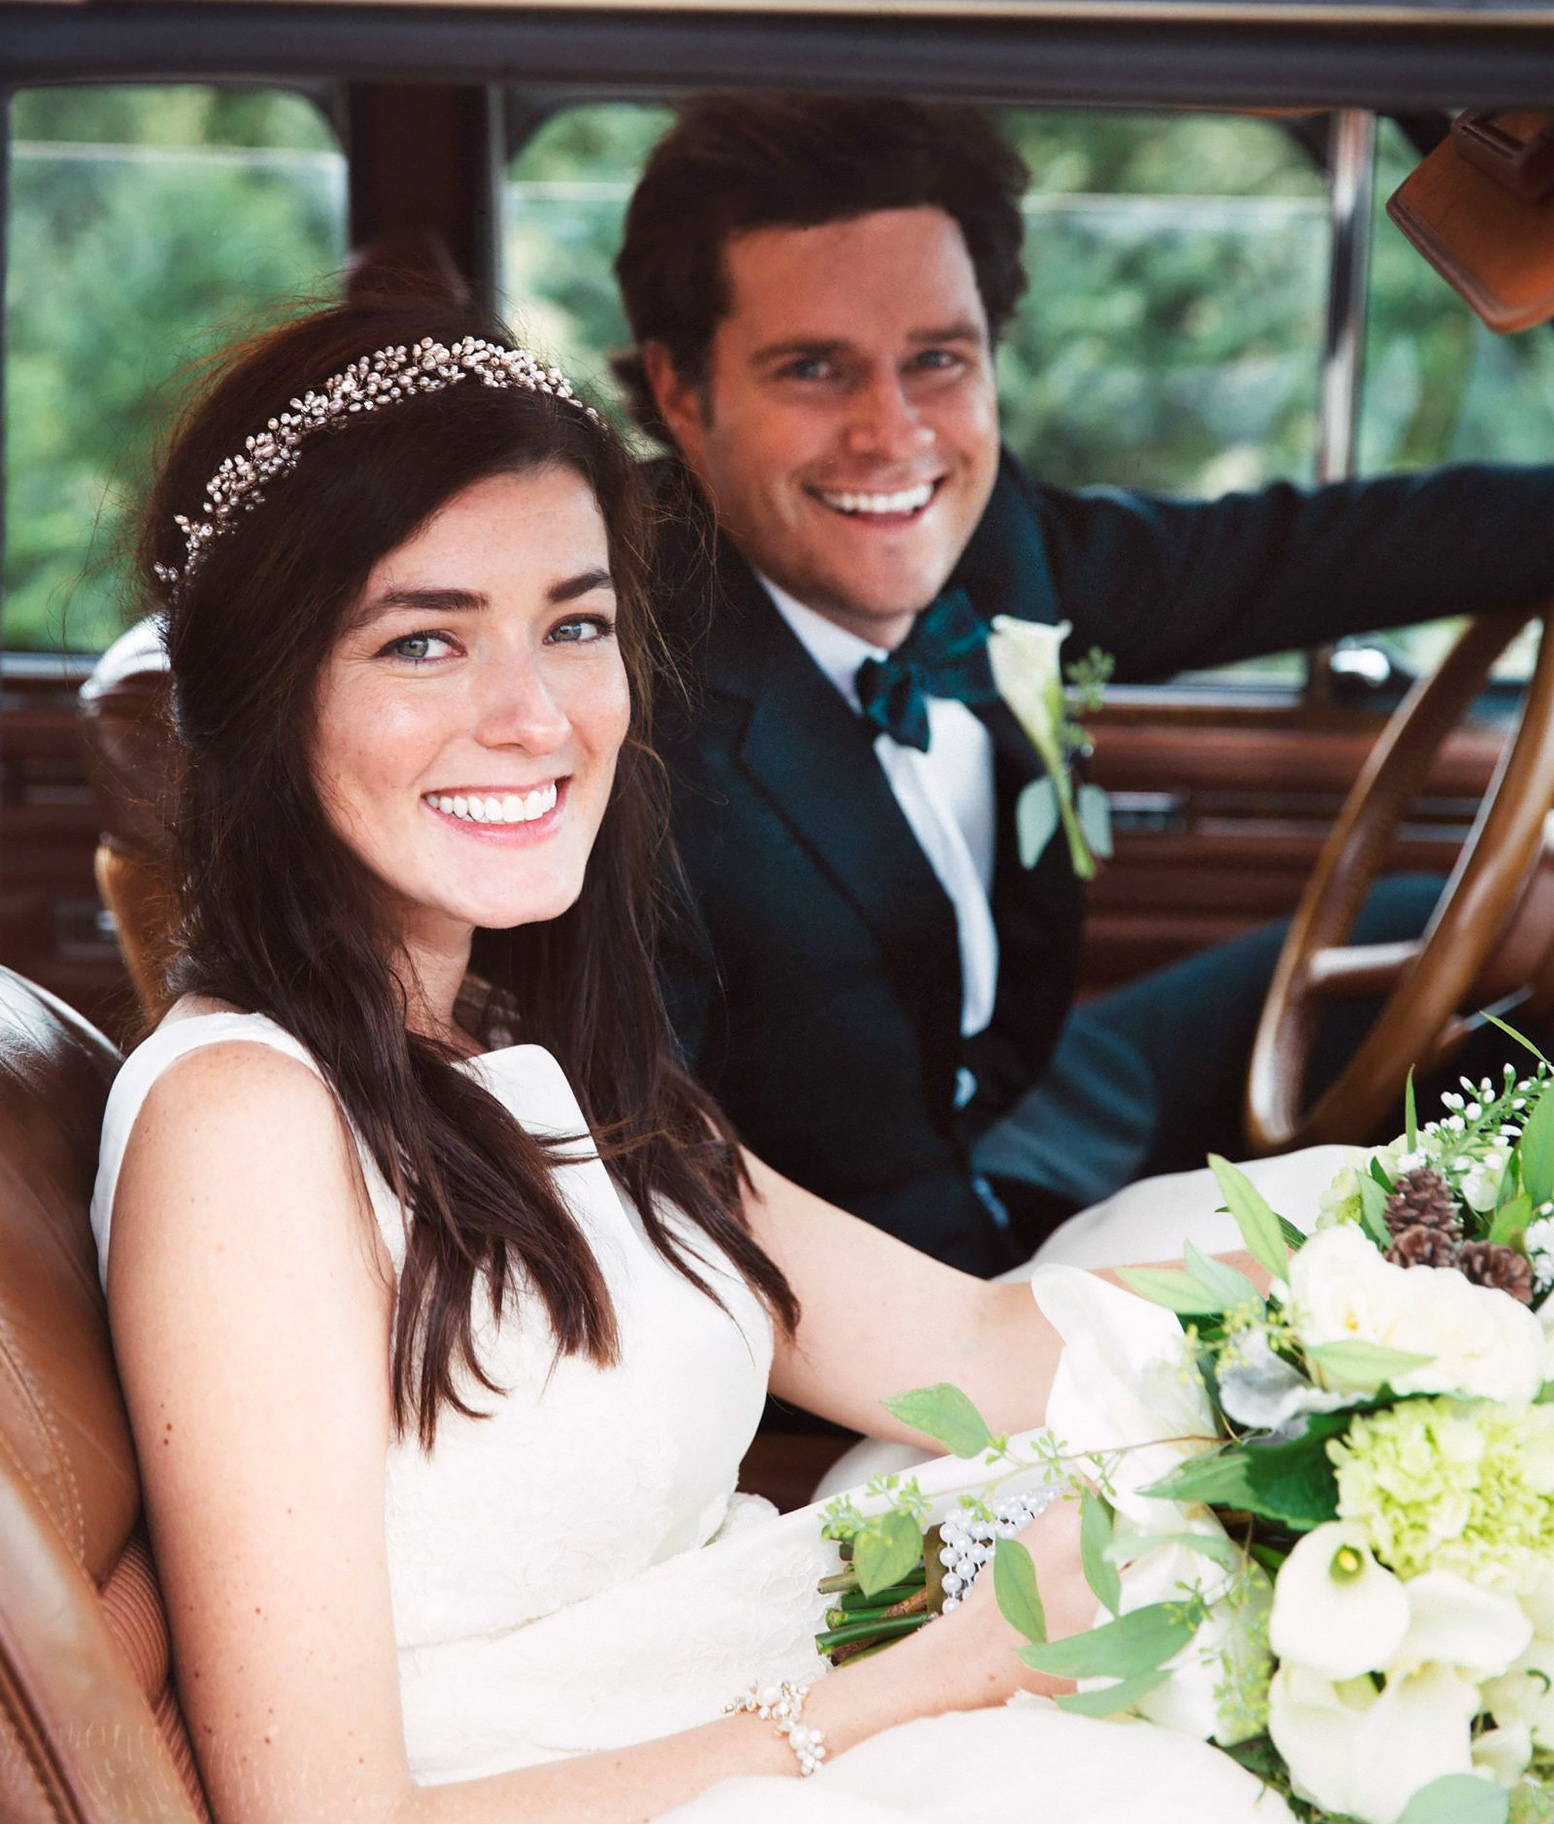 Sarah Vickers and Kiel James Patrick marry at Christmas tree farm